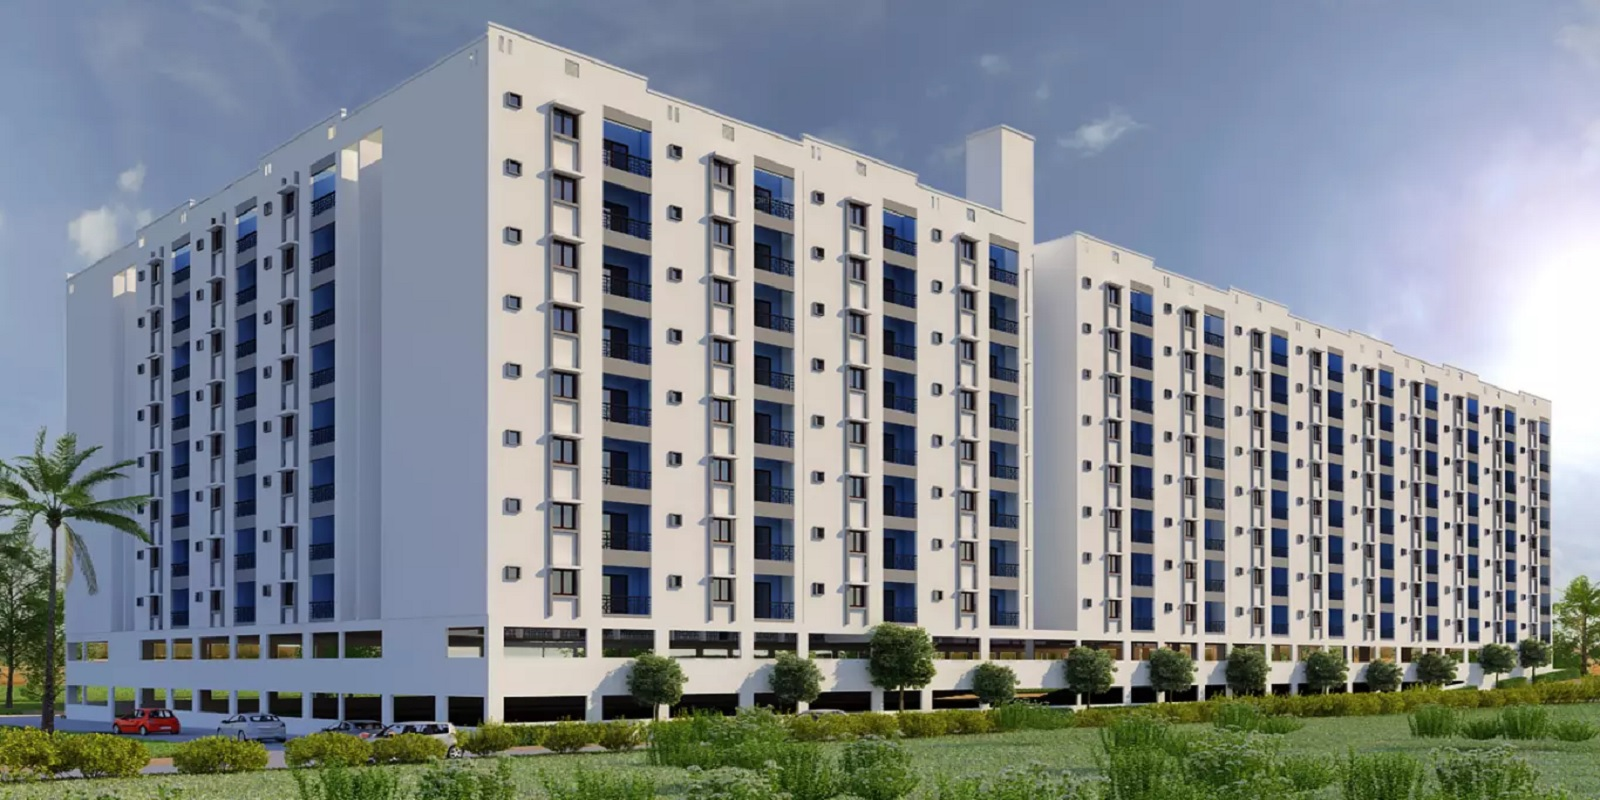 shriram smrithi project large image13